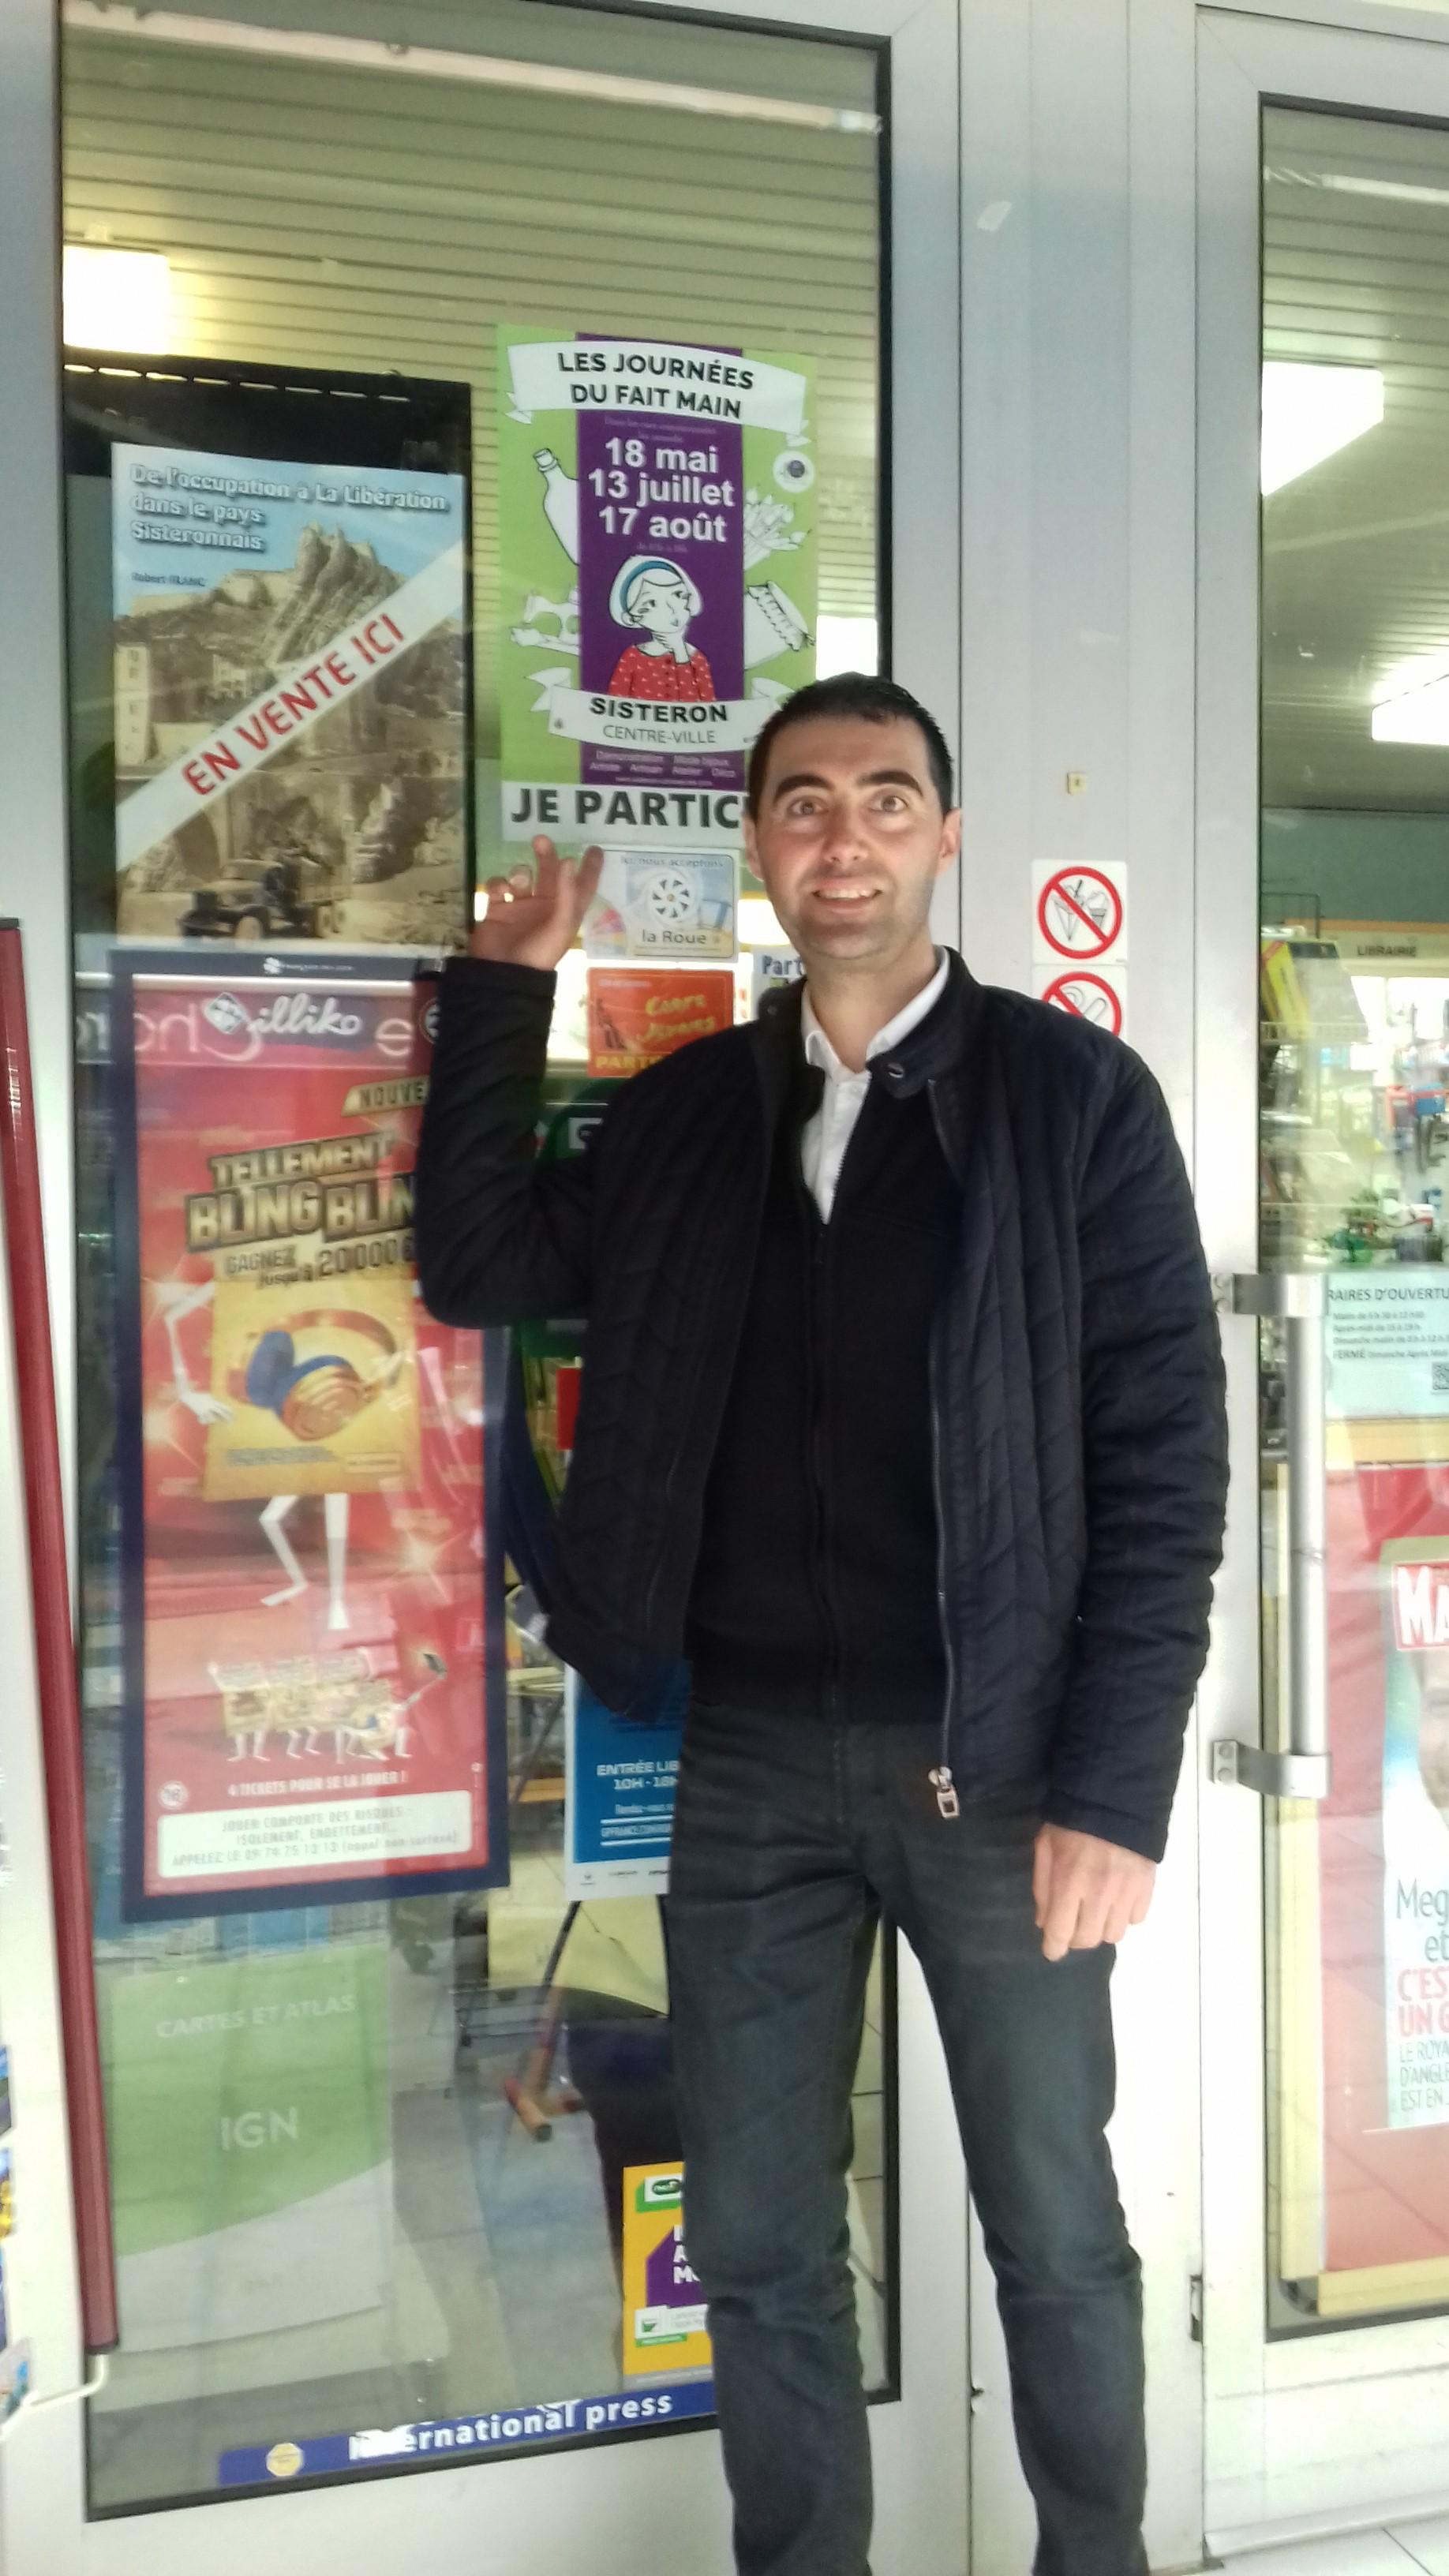 Fête des mères et fête des pères, pas sans les commerçants à Sisteron